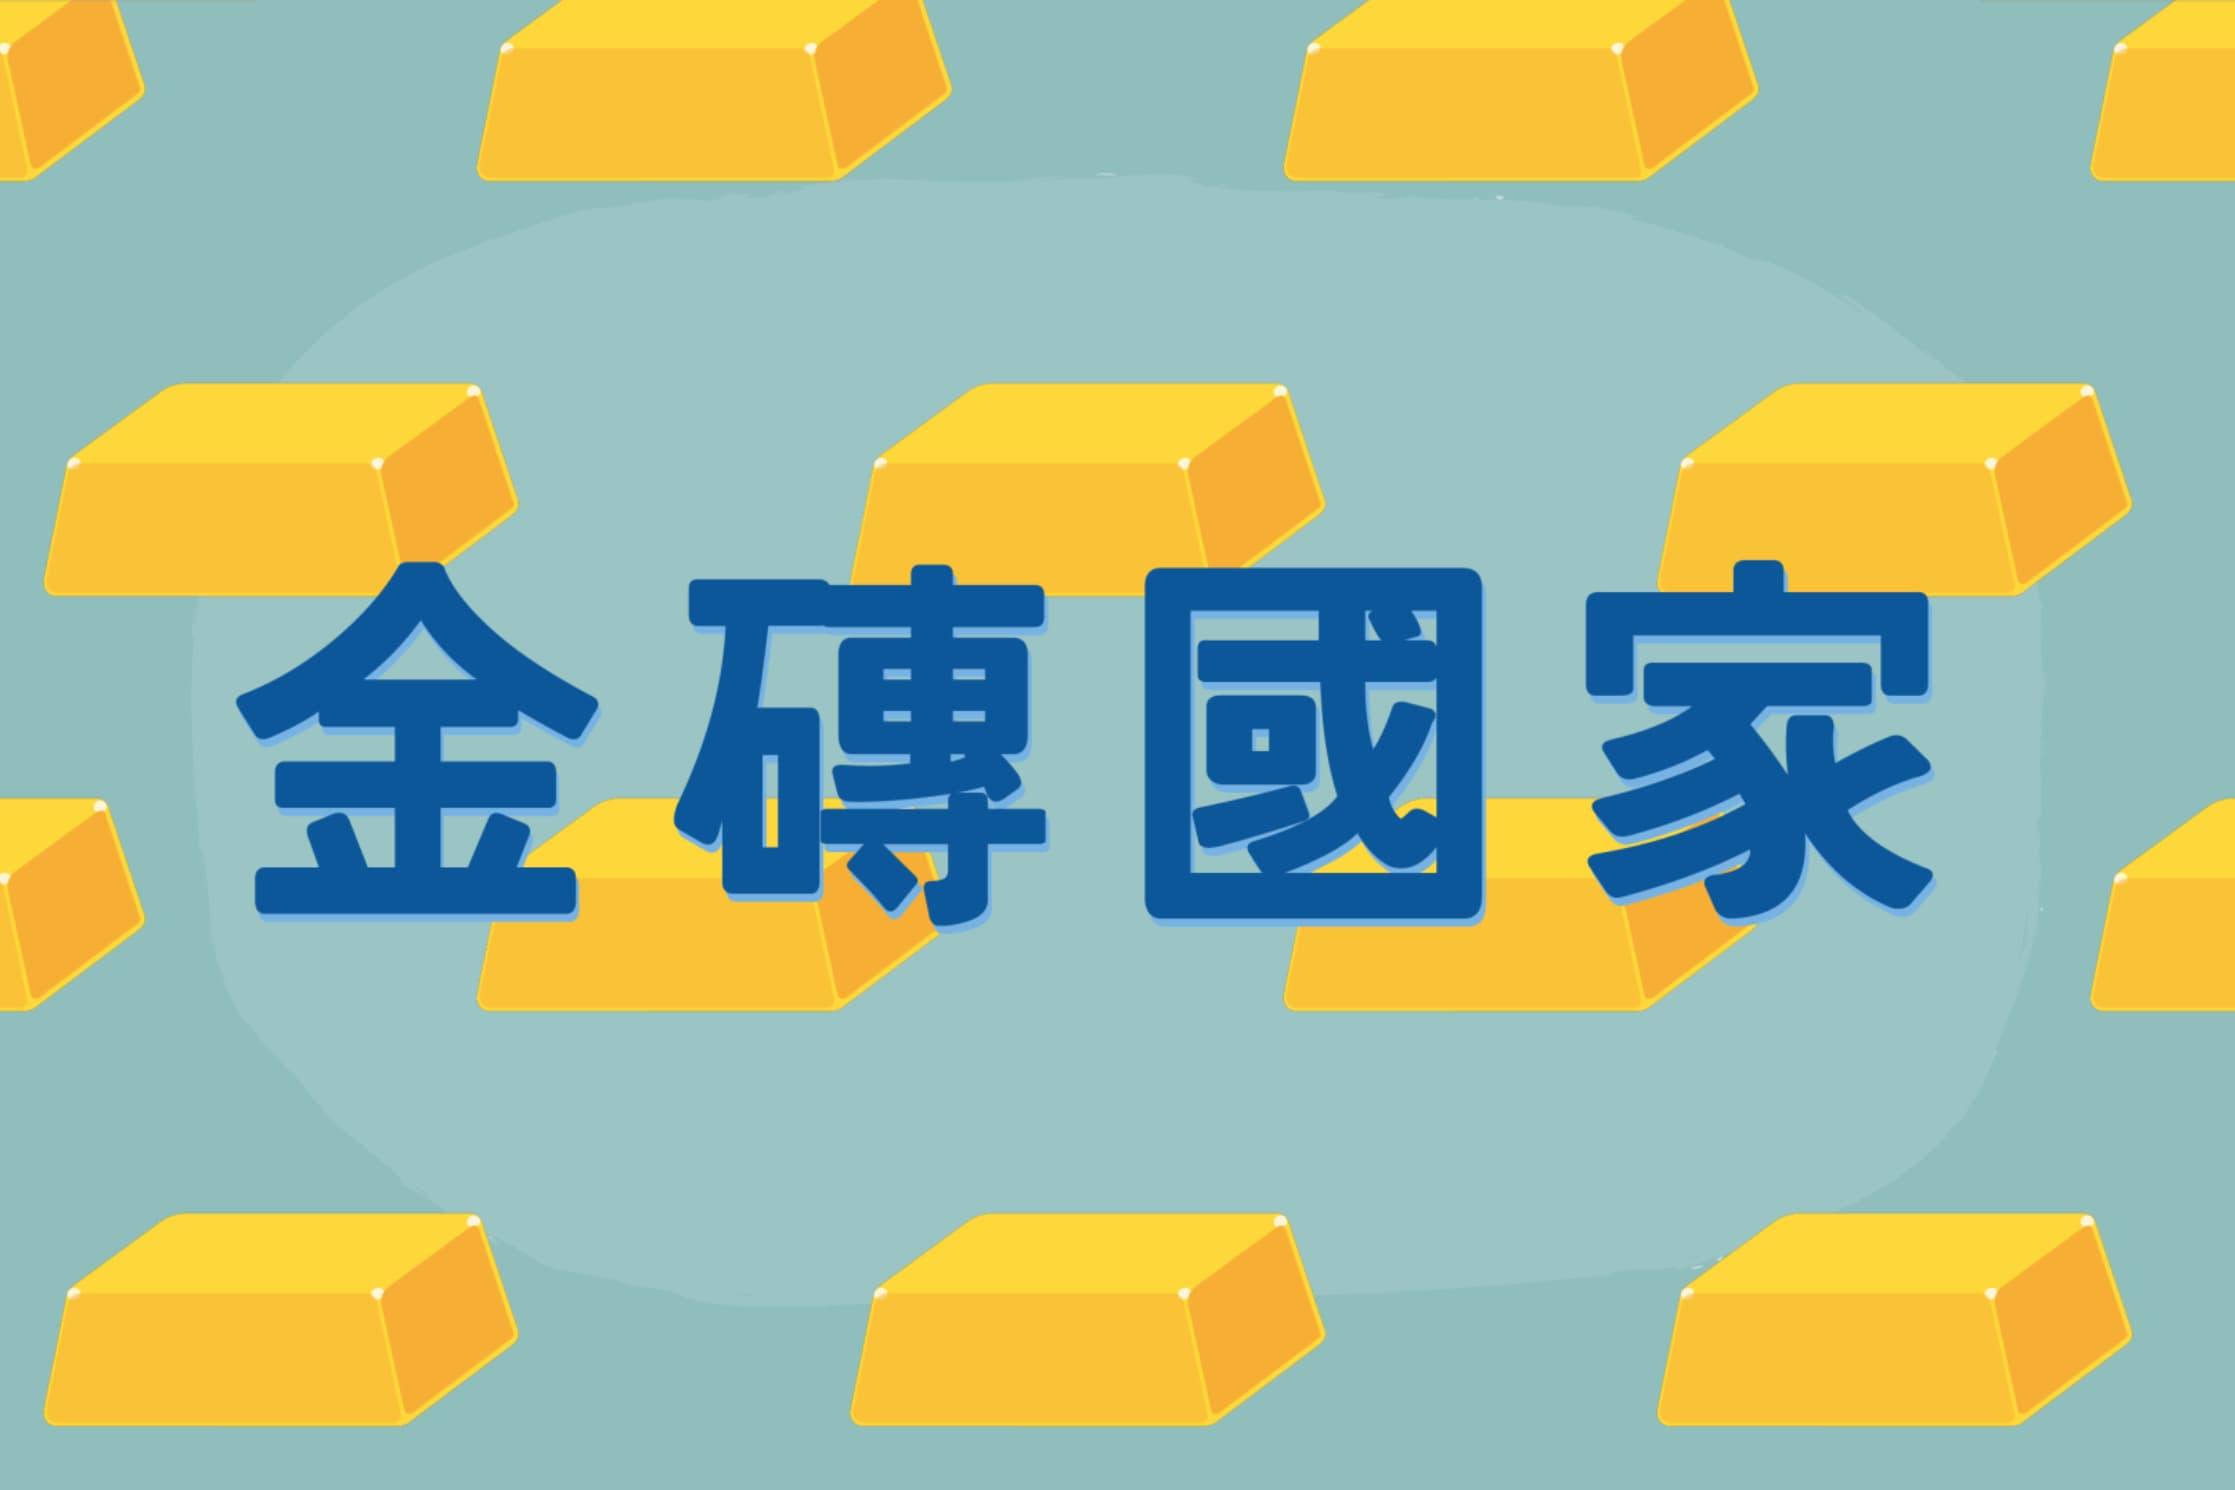 jinzhuanguojiafengmian